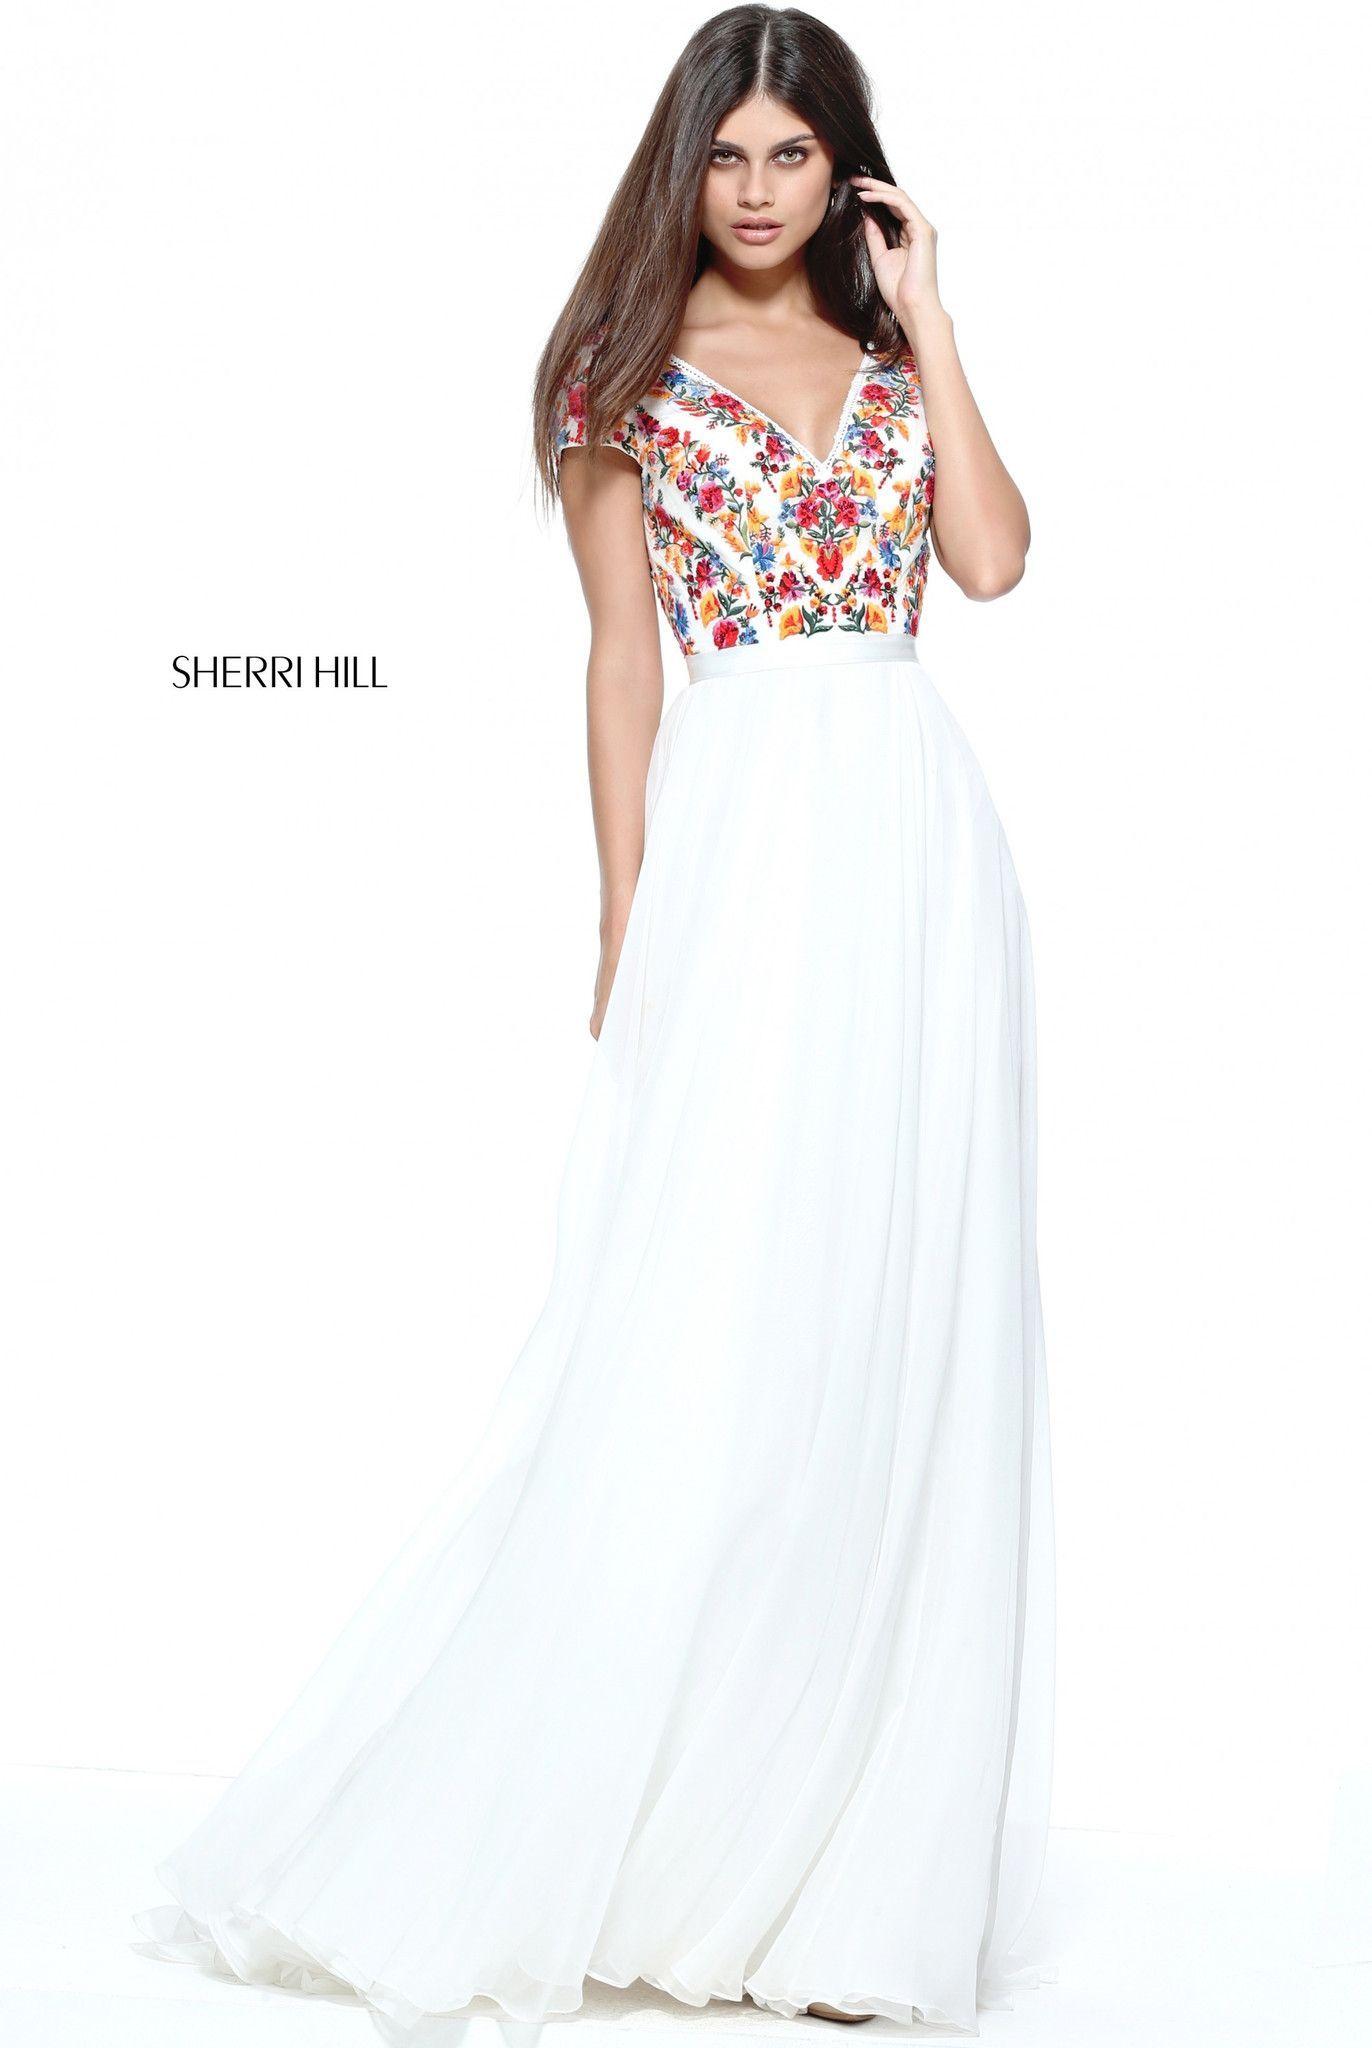 Sherri Hill 51112 | Dresses | Pinterest